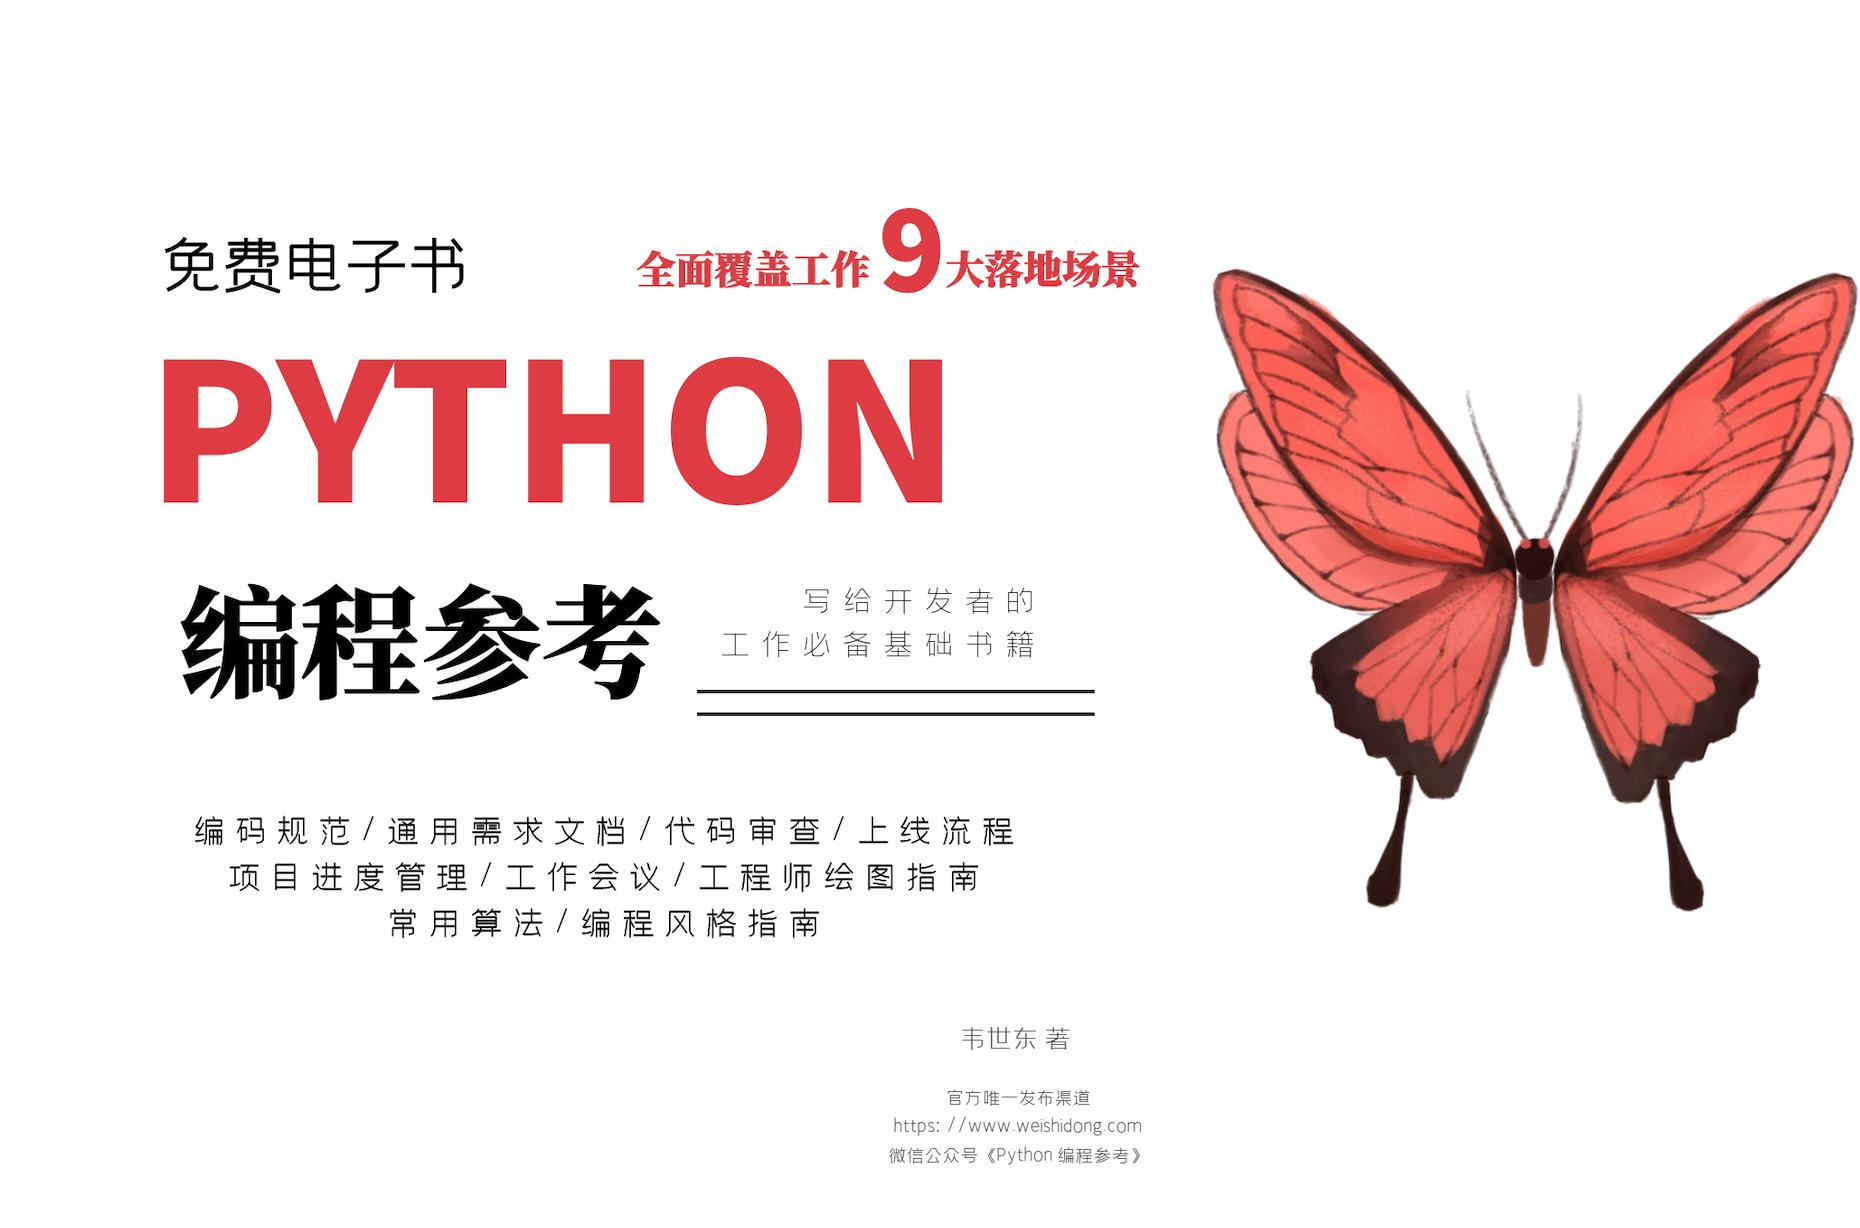 惊喜来袭!253页全彩免费电子书《Python 编程参考》正式上线发布